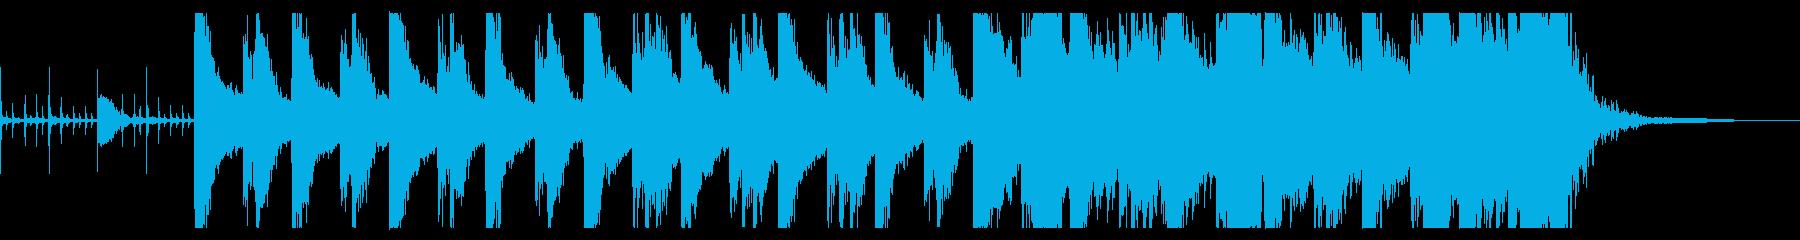 現代的 交響曲 ドラマチック 暗い...の再生済みの波形